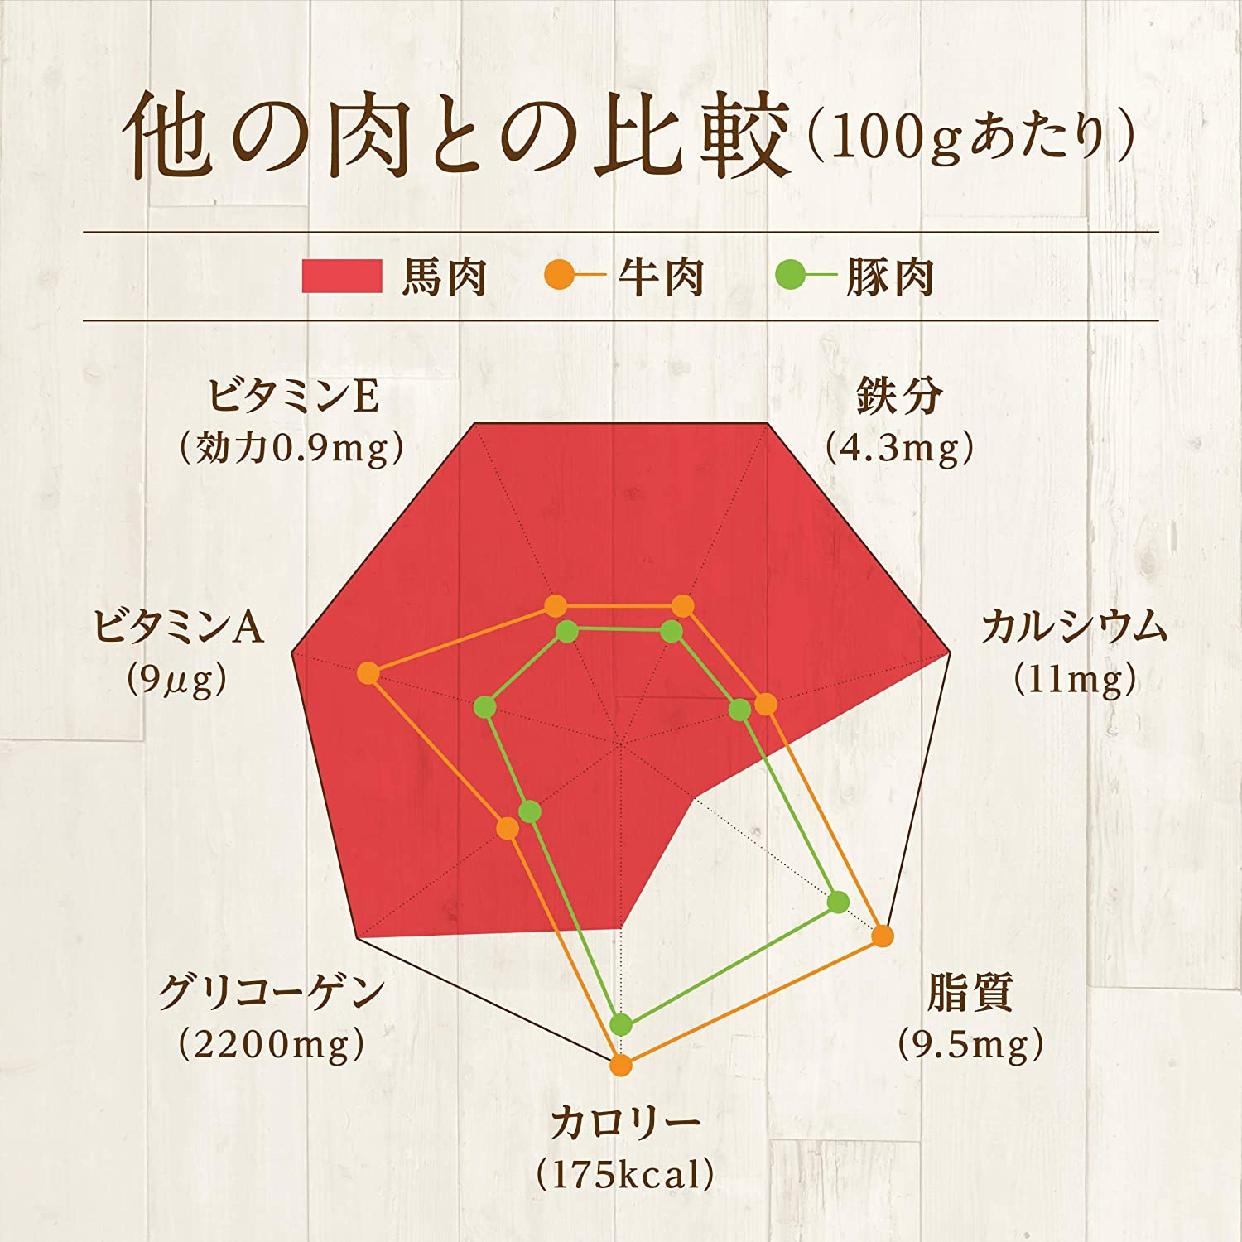 健康いぬ生活(ケンコウイヌセイカツ) 馬肉自然づくり  1kg (1kg×1袋)の商品画像9